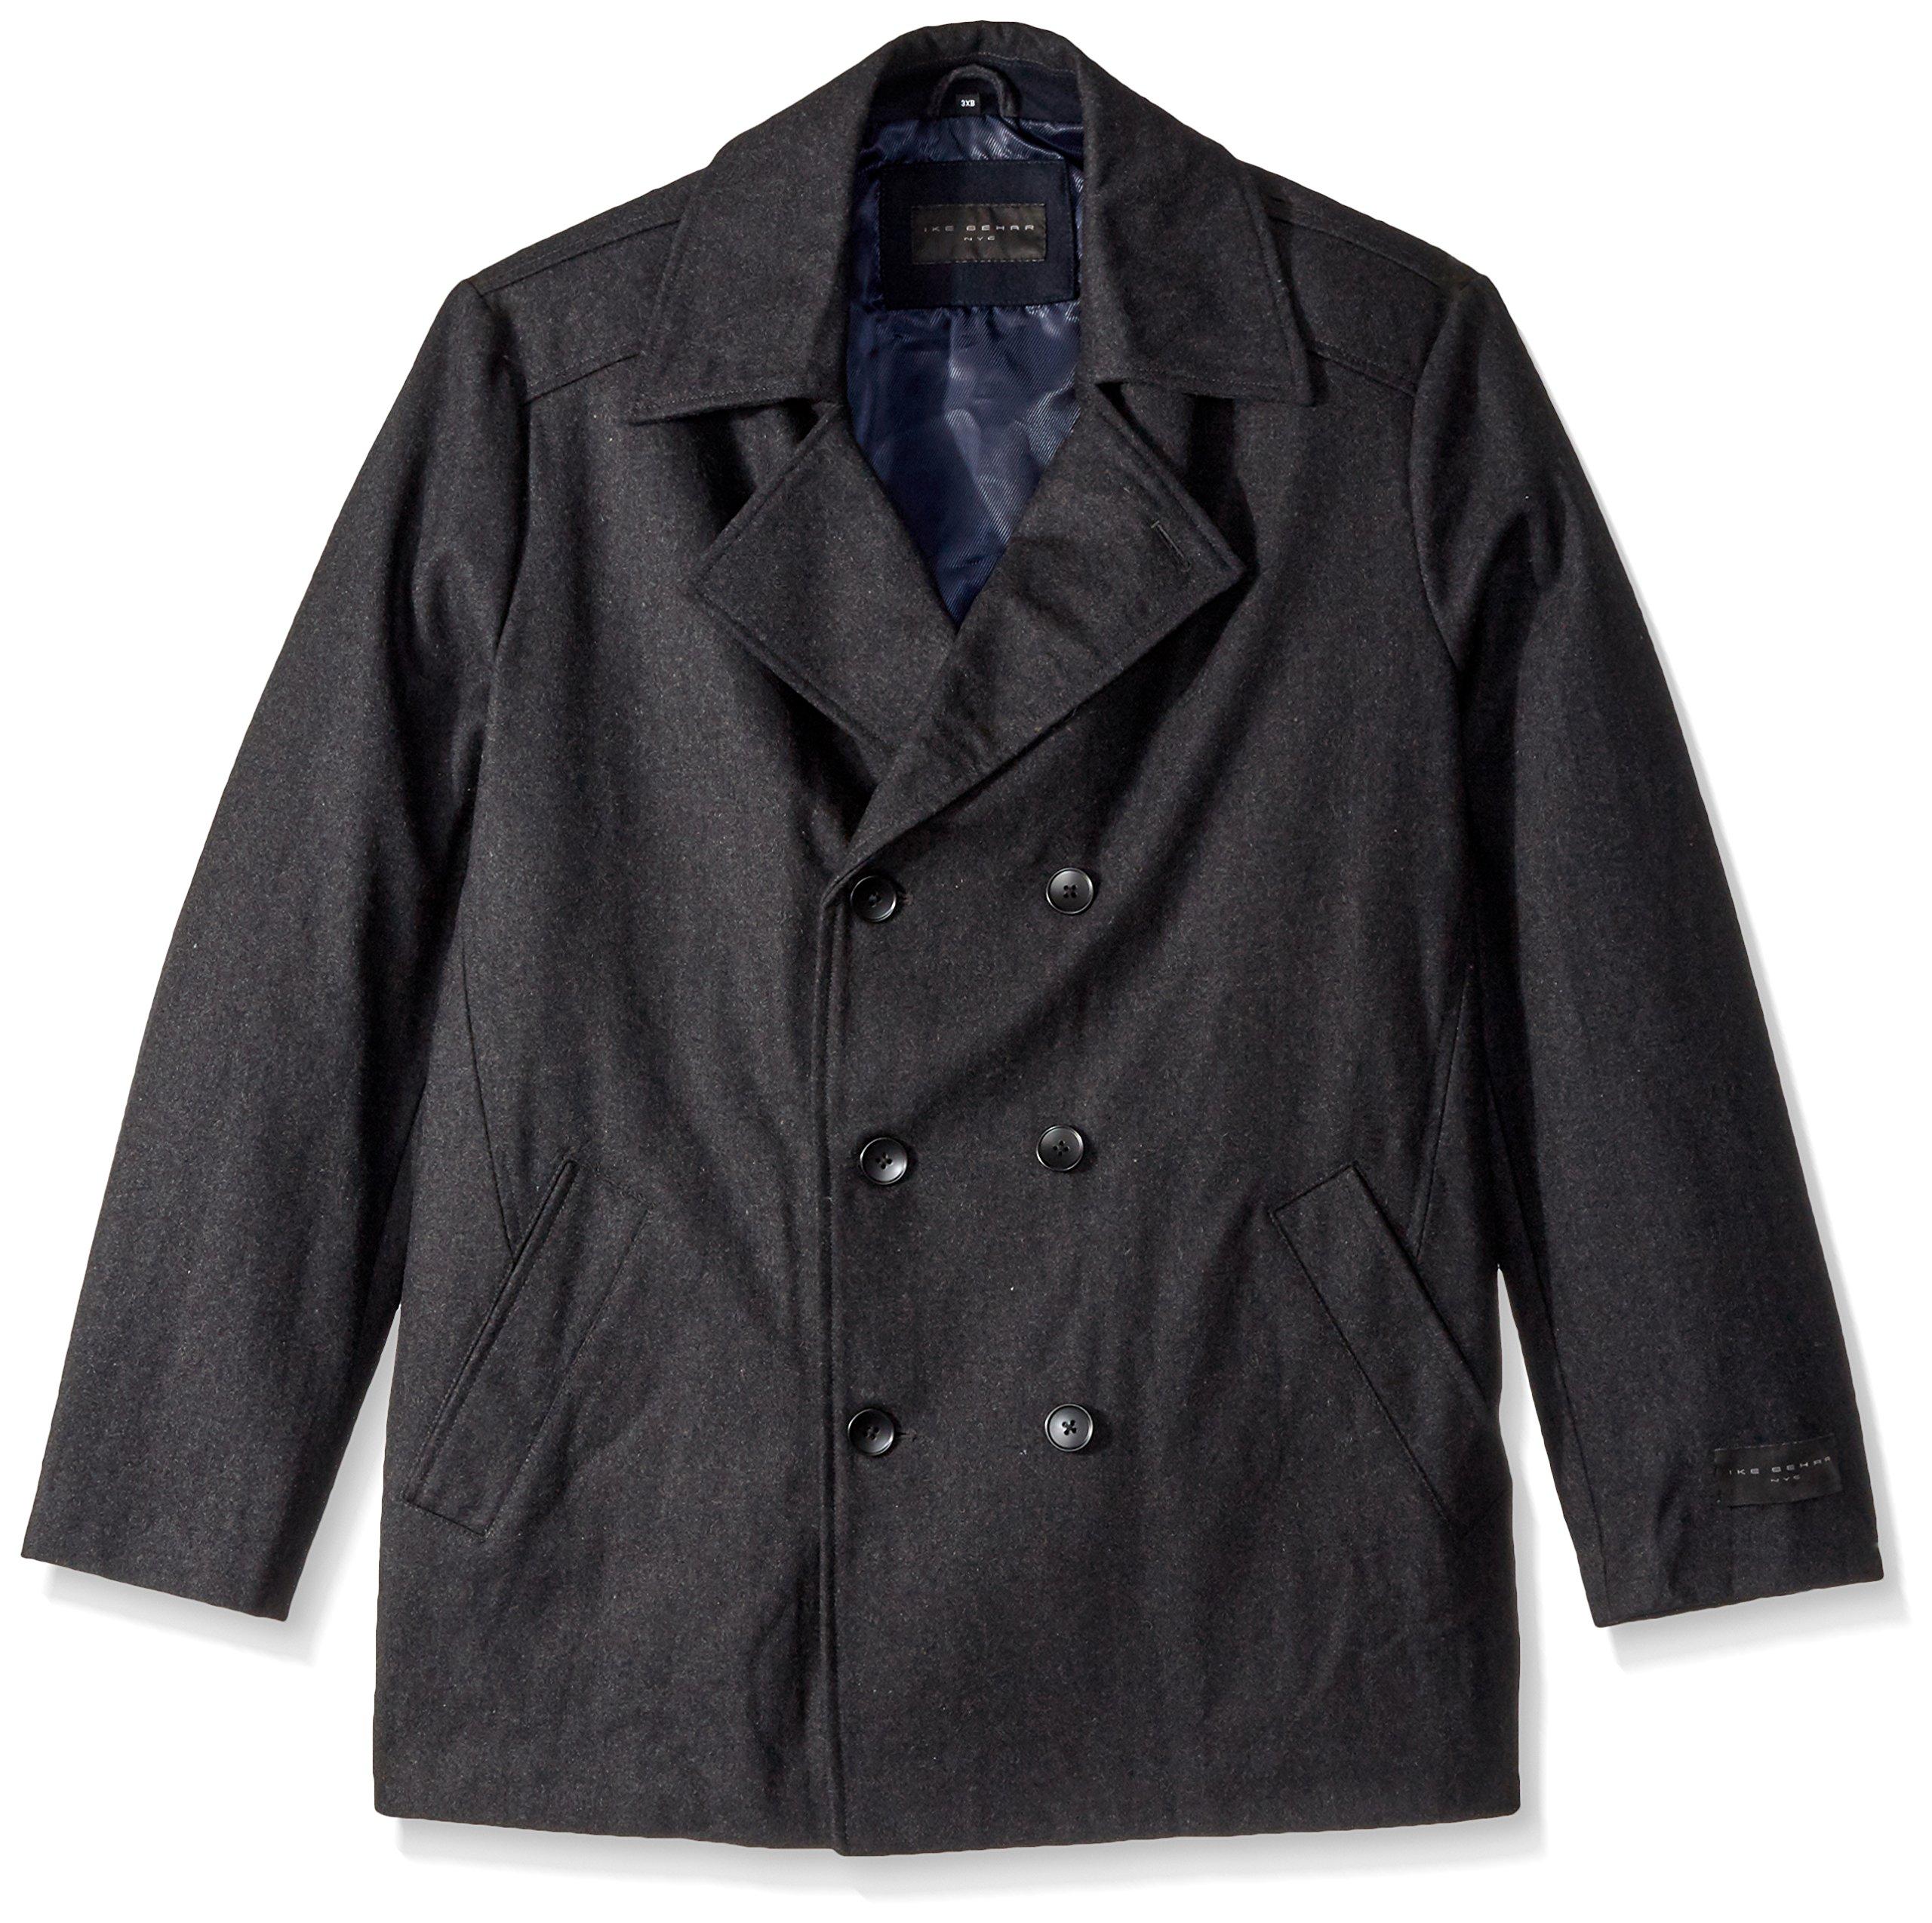 Ike Behar Men's Big Abrams Pea Coat, Charcoal, 2X Tall